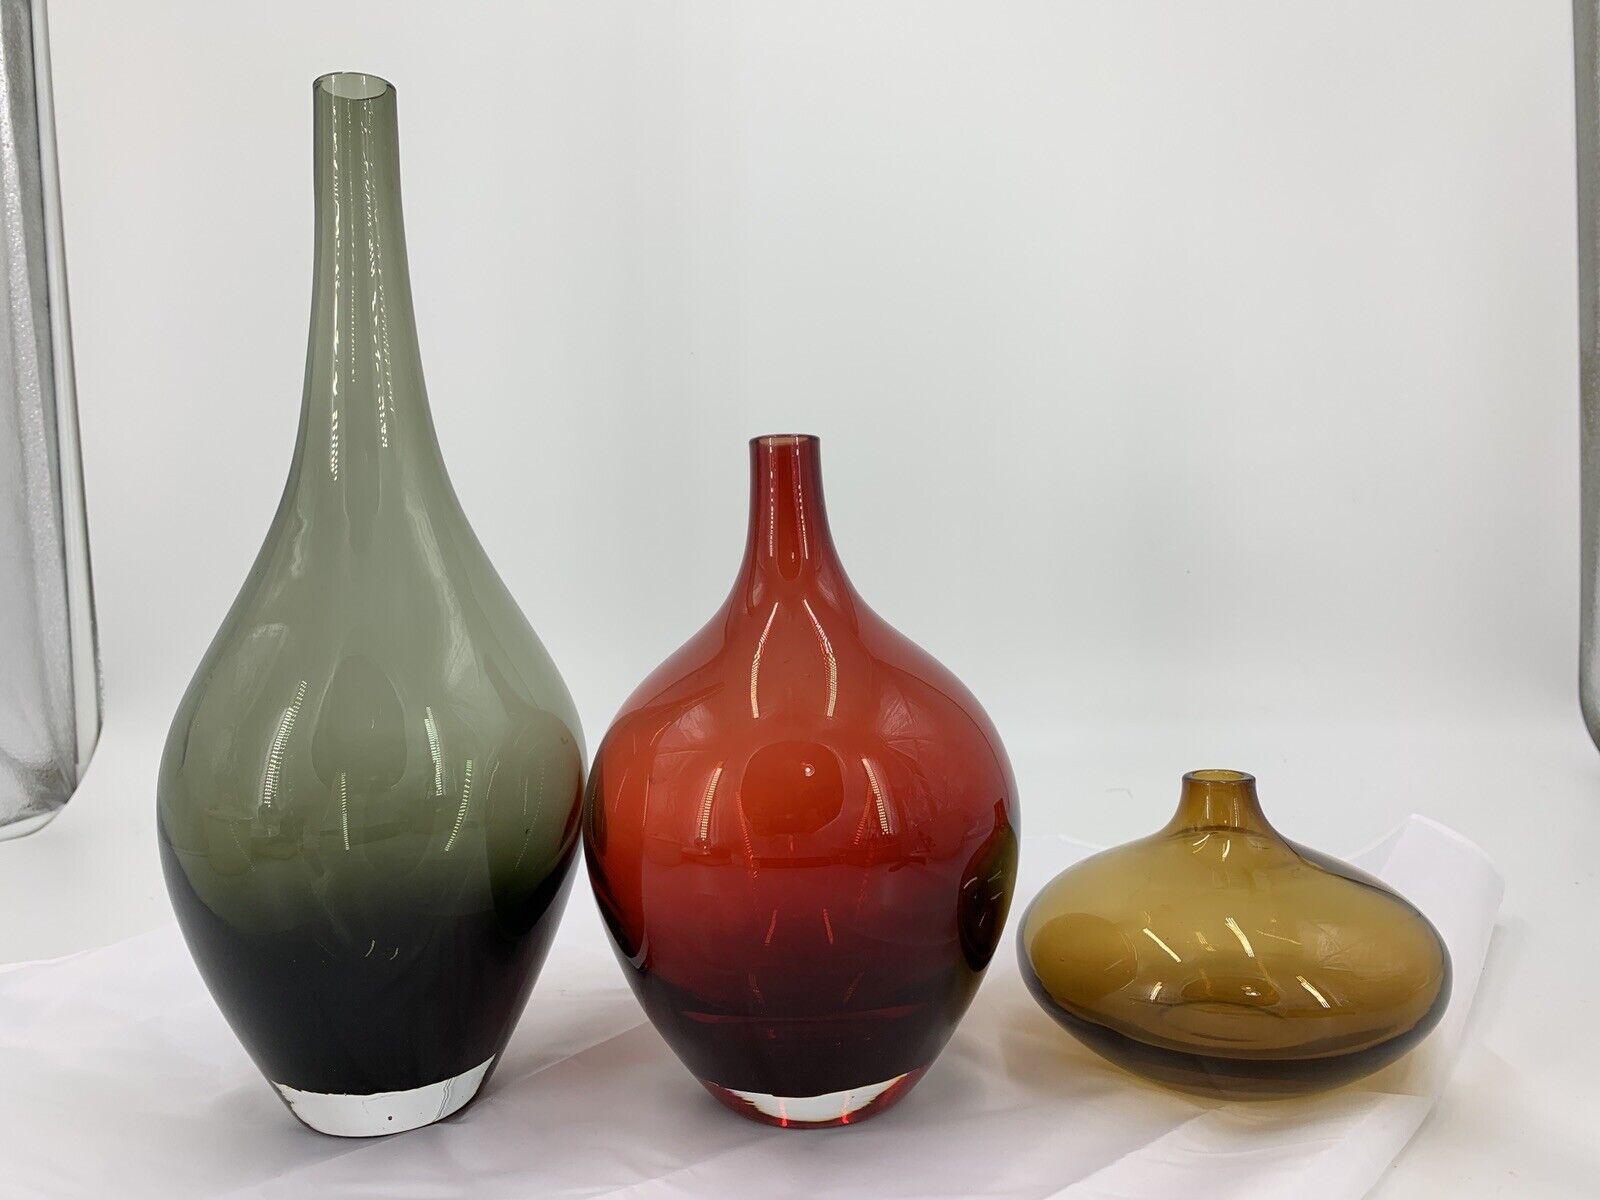 Rojo Rubí ceniza verde y ámbar forma de bola Orbe vidrio jarrones Estilo Art Deco